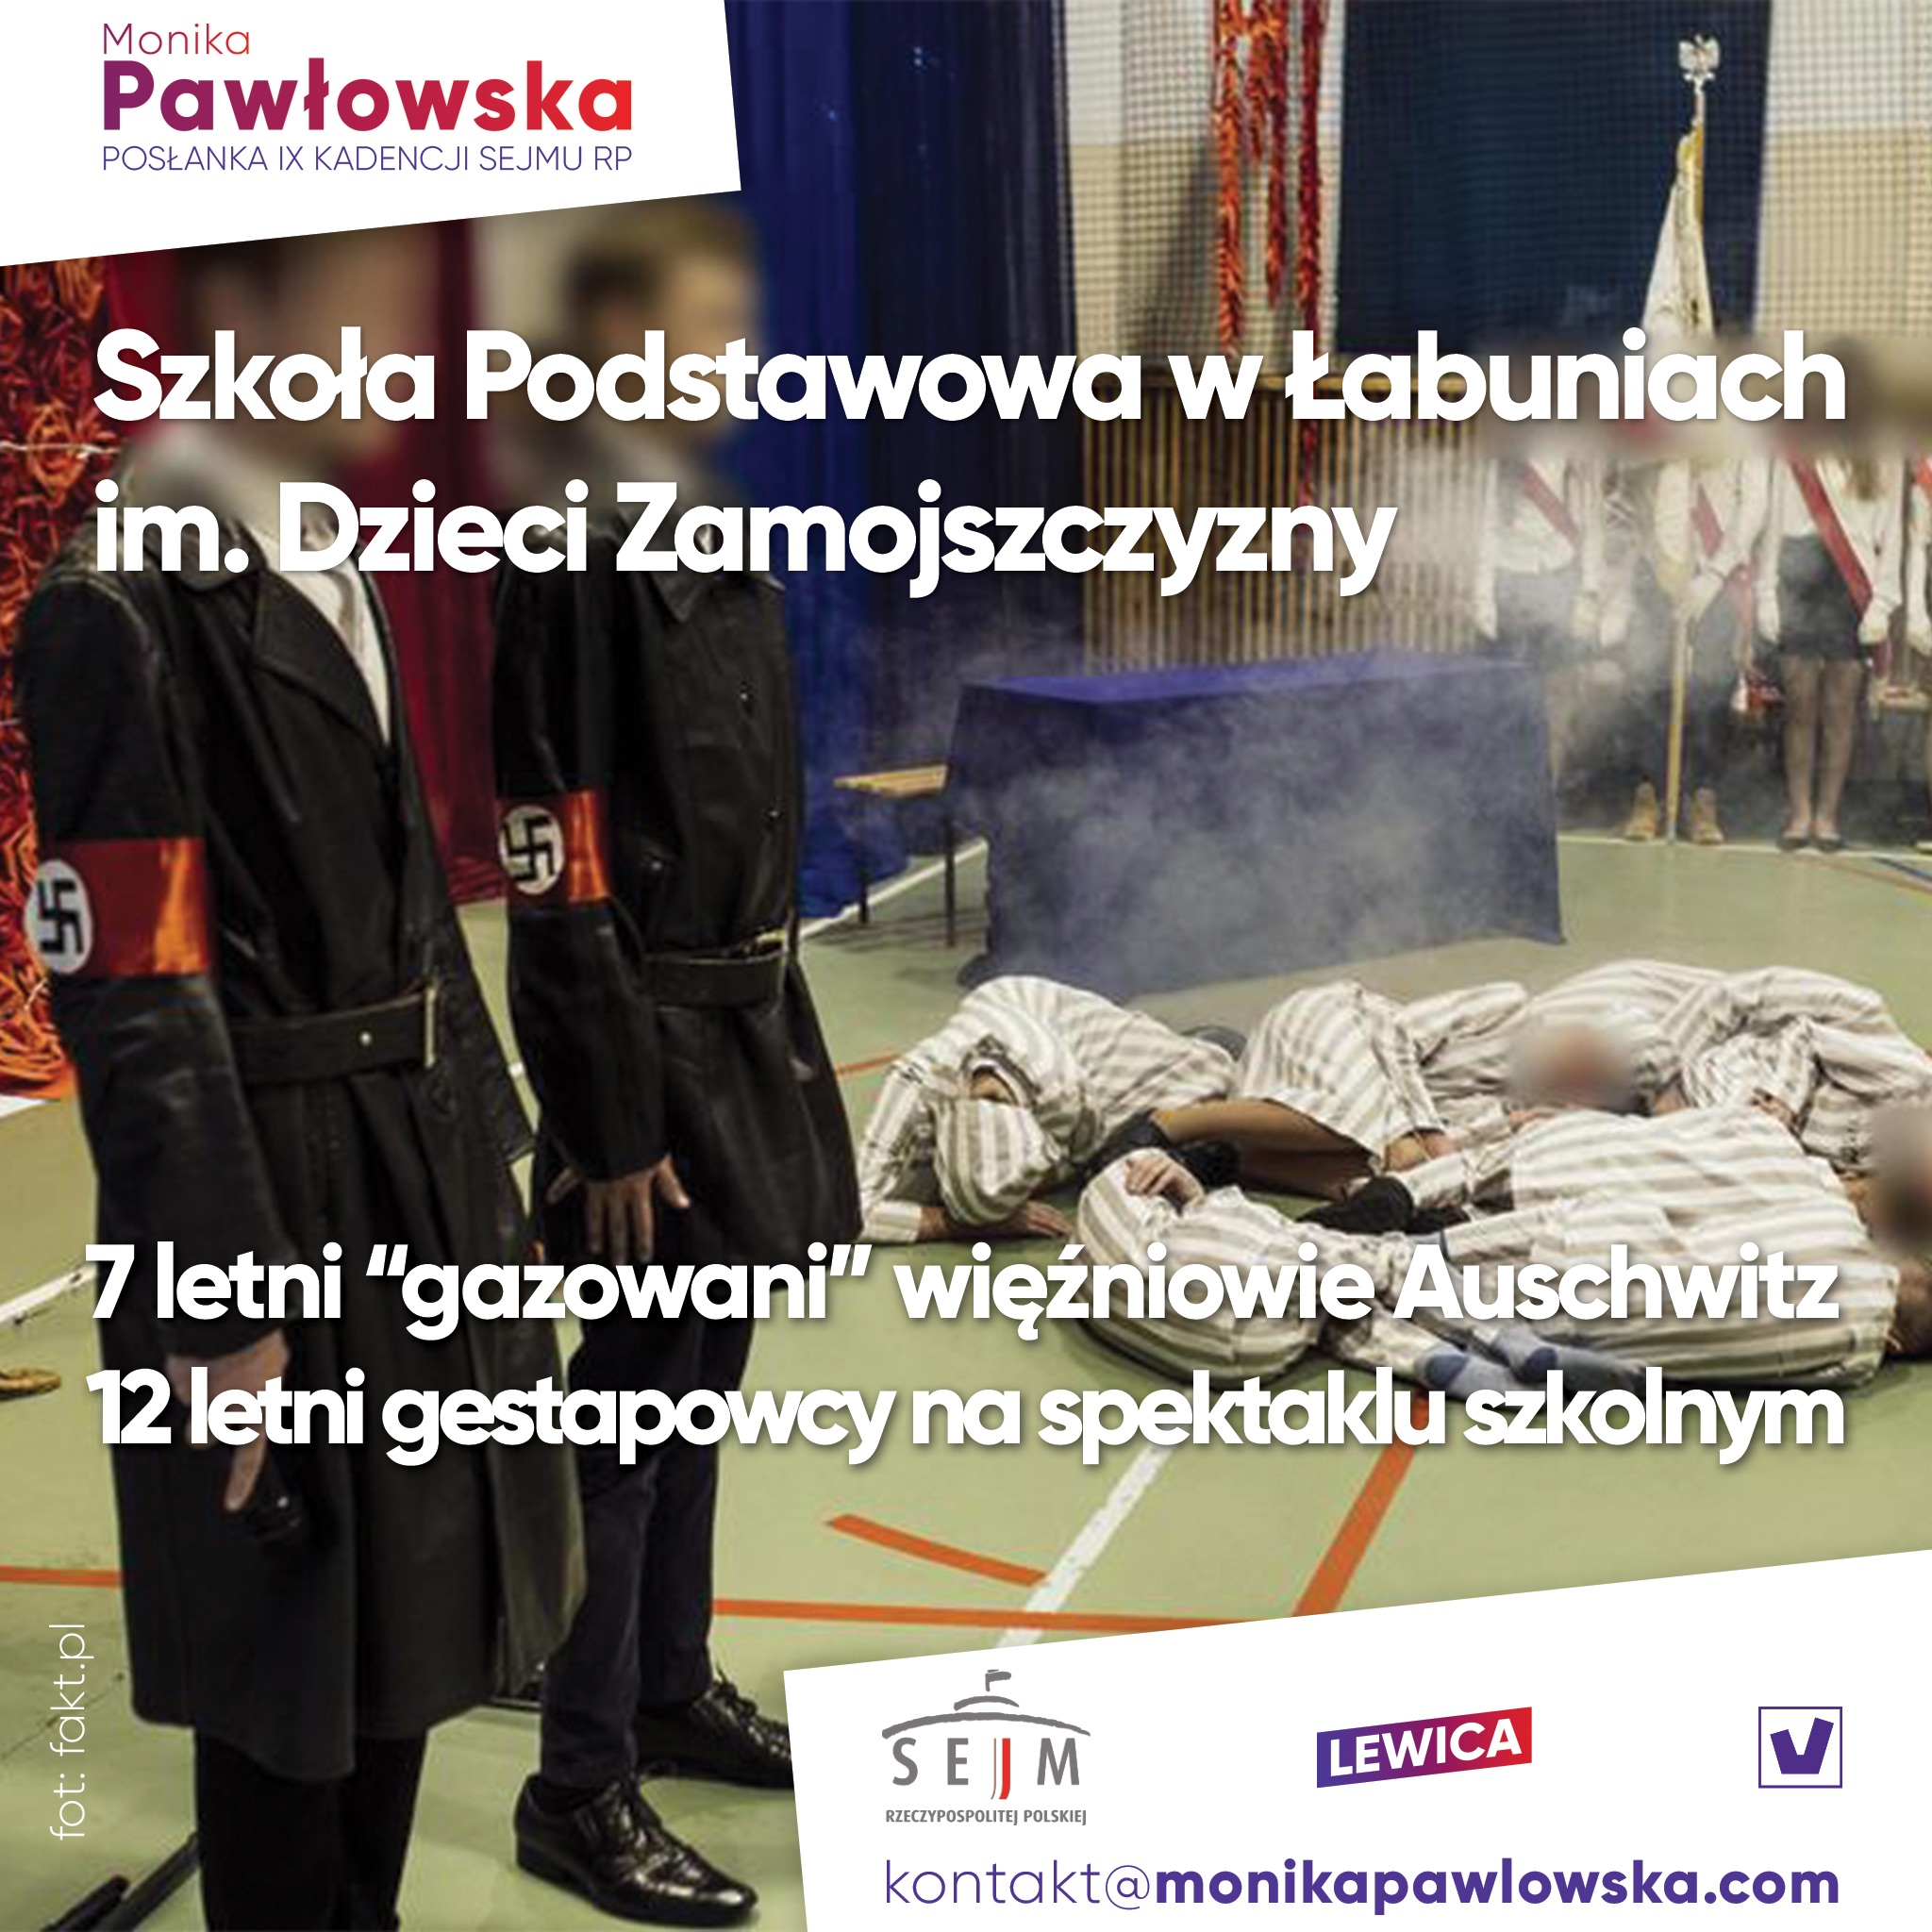 grafika nadesłana przez posłankę Monikę Pawłowską